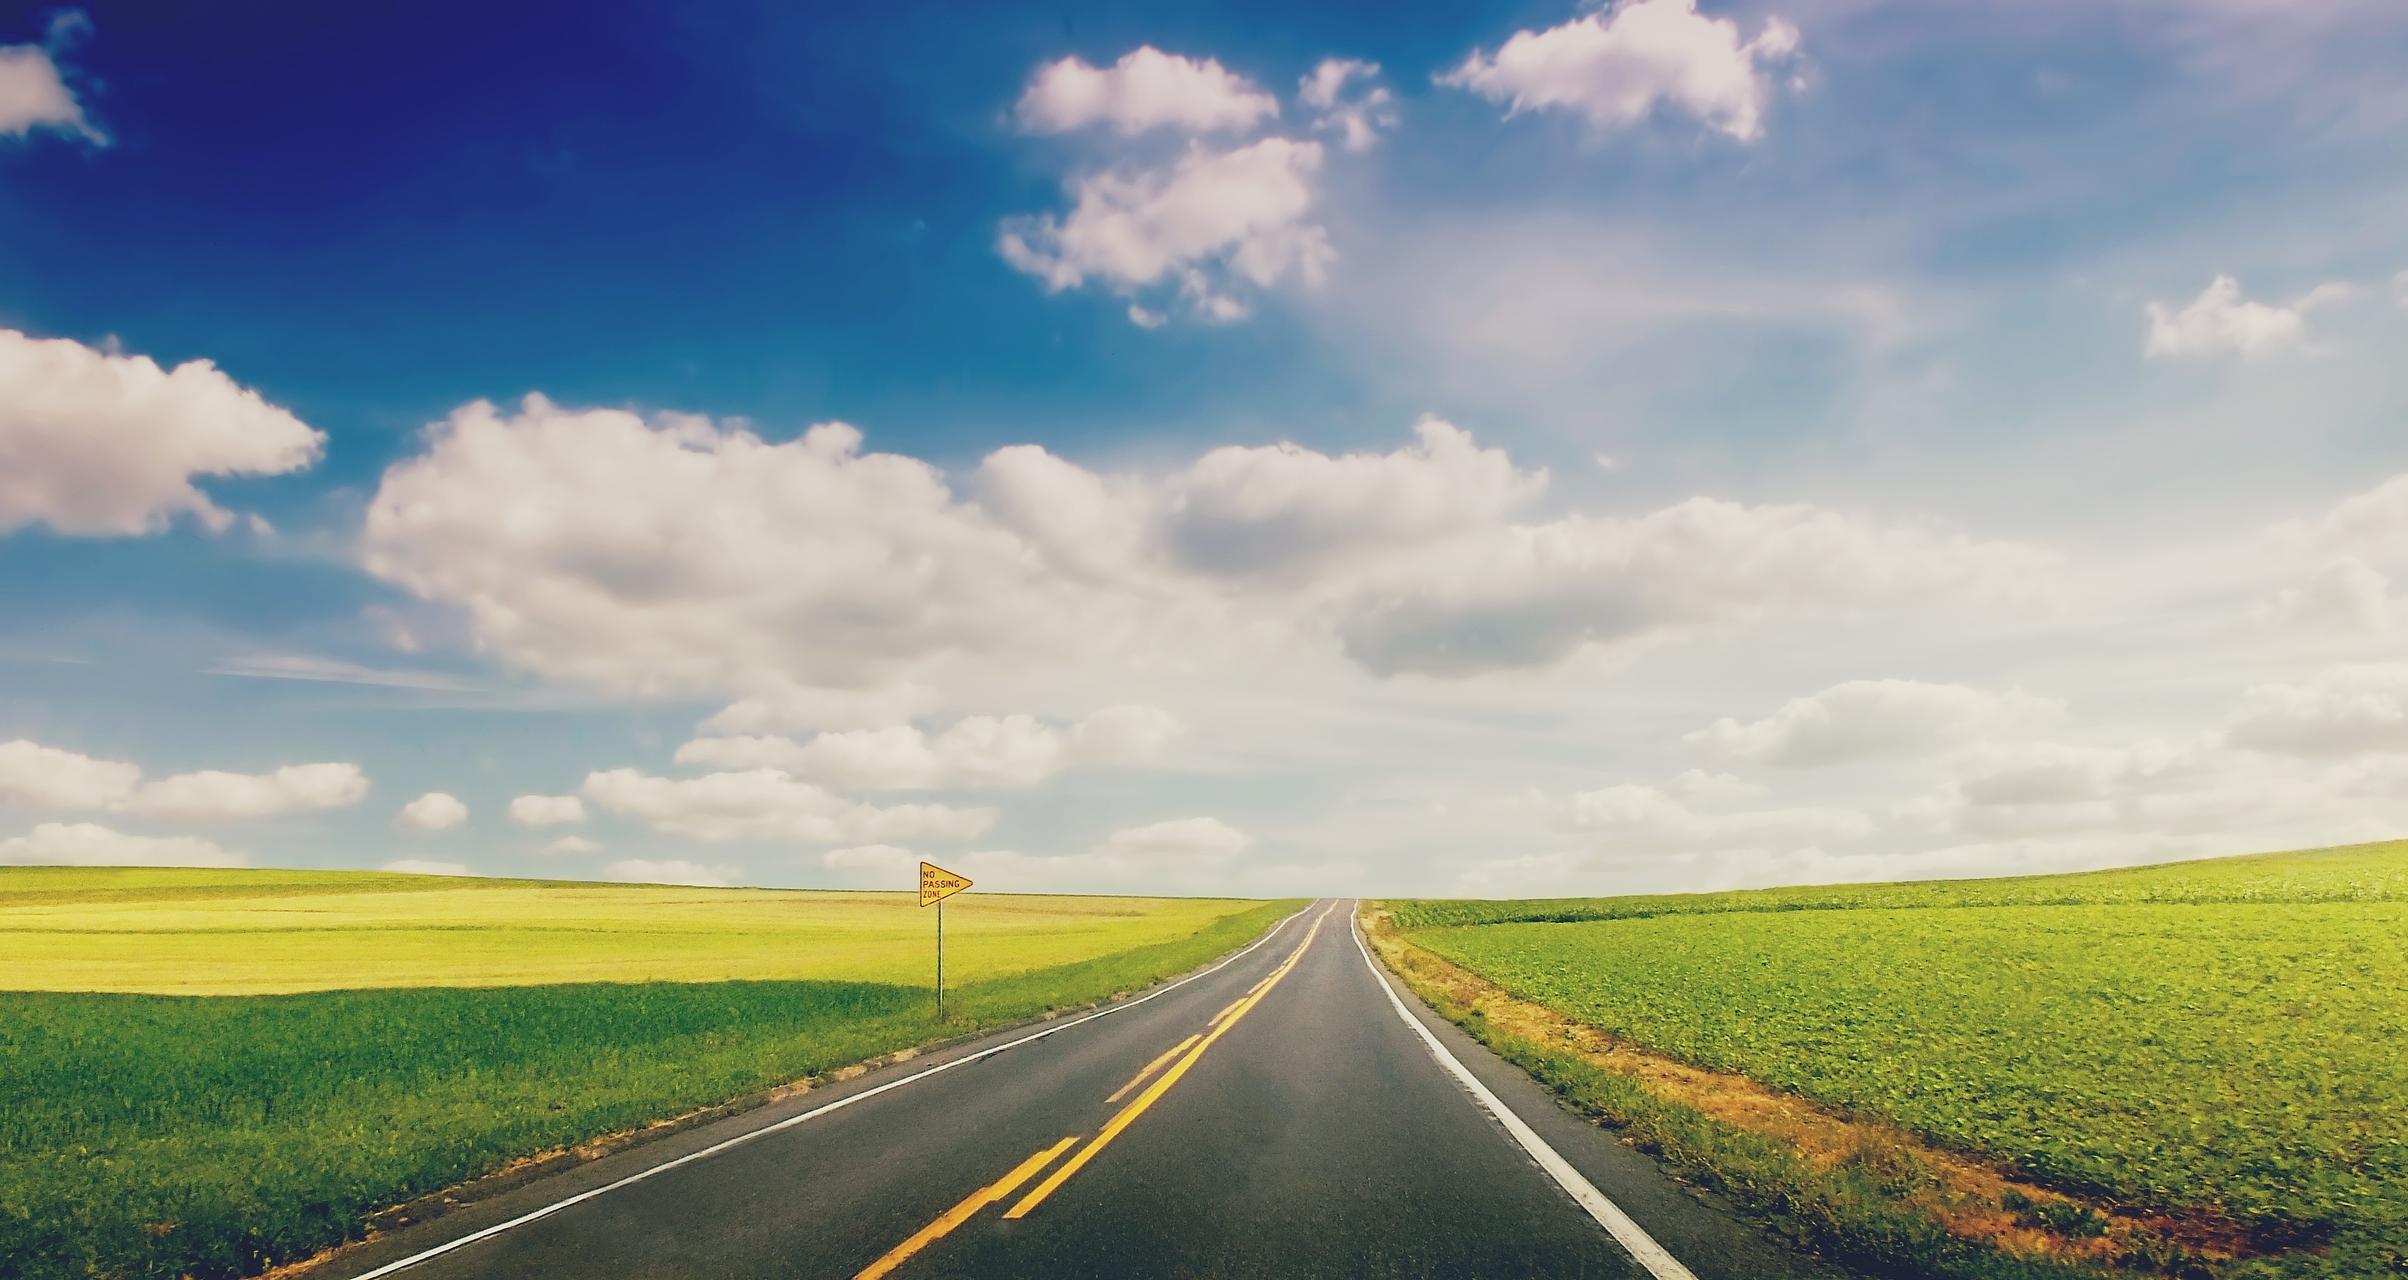 Дорога через зеленое поле  № 2604494 бесплатно